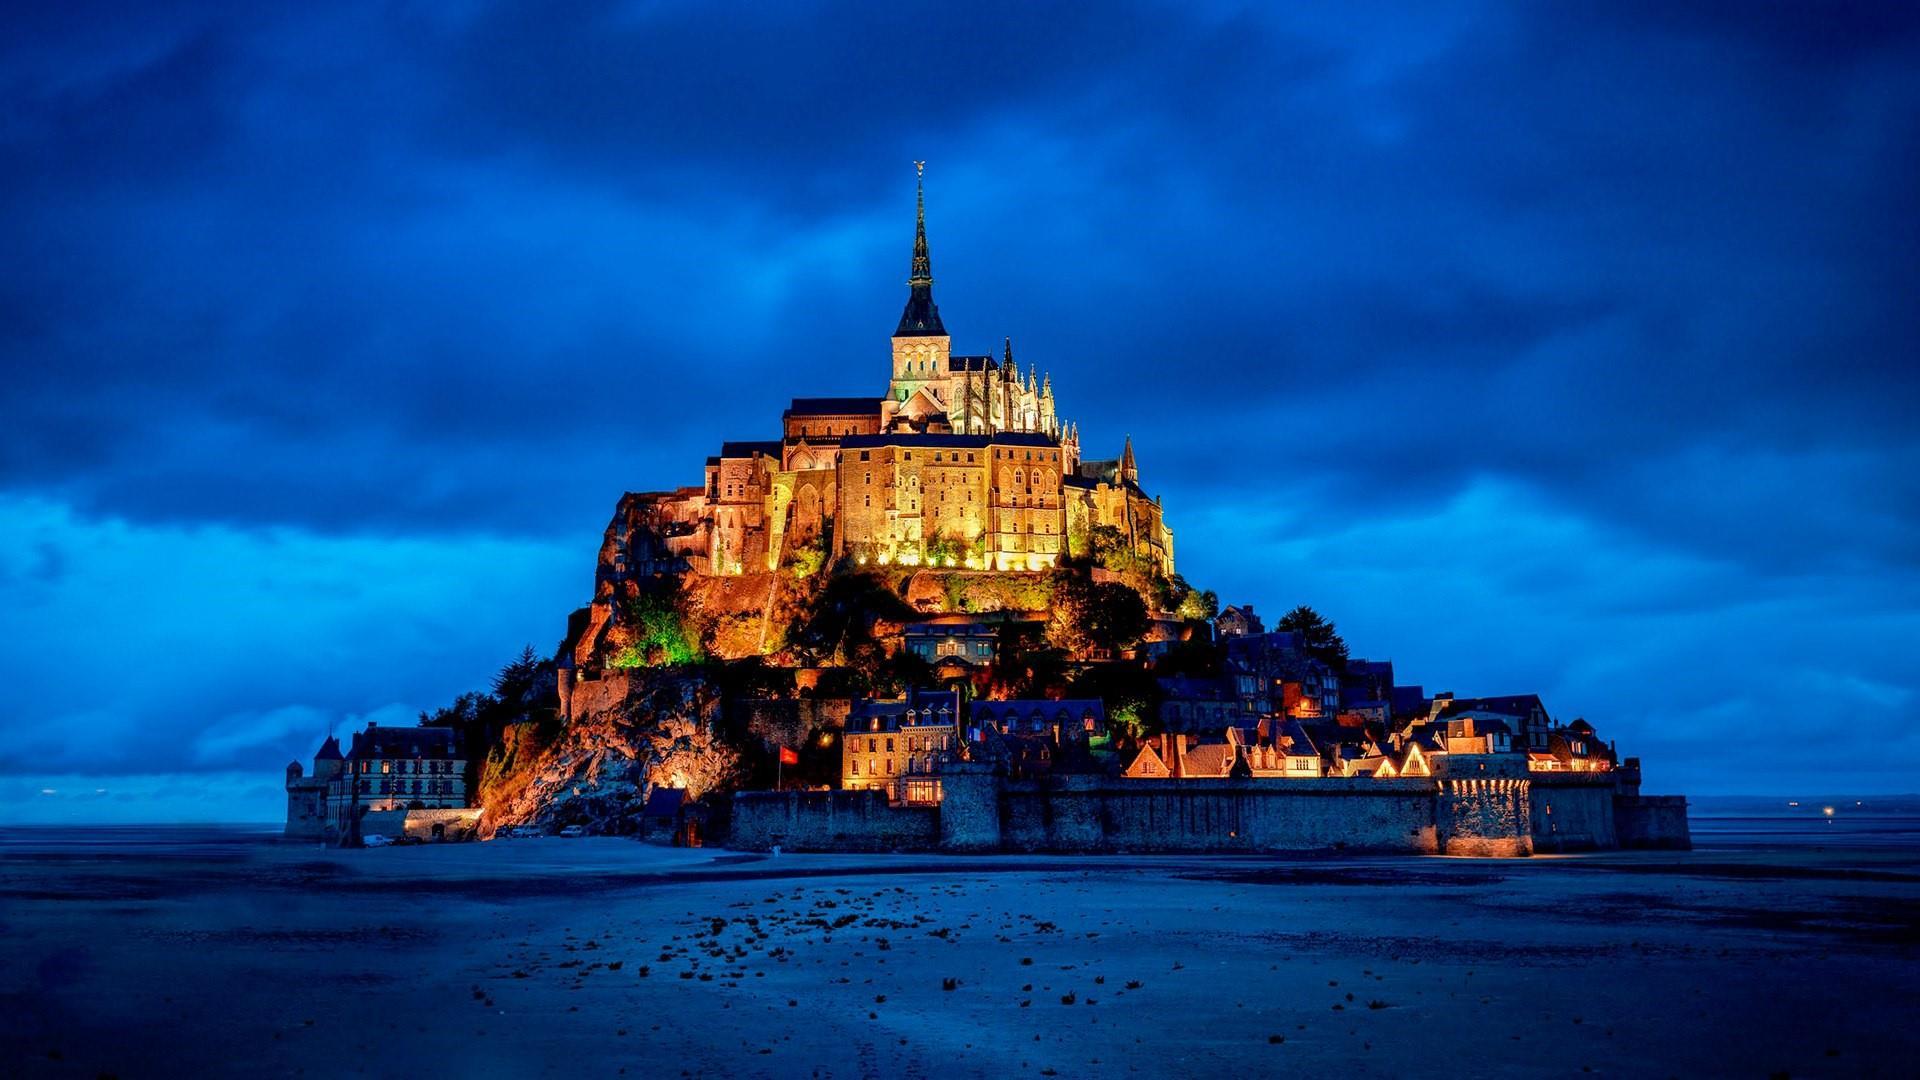 Mont Saint-Michel (France) wallpaper